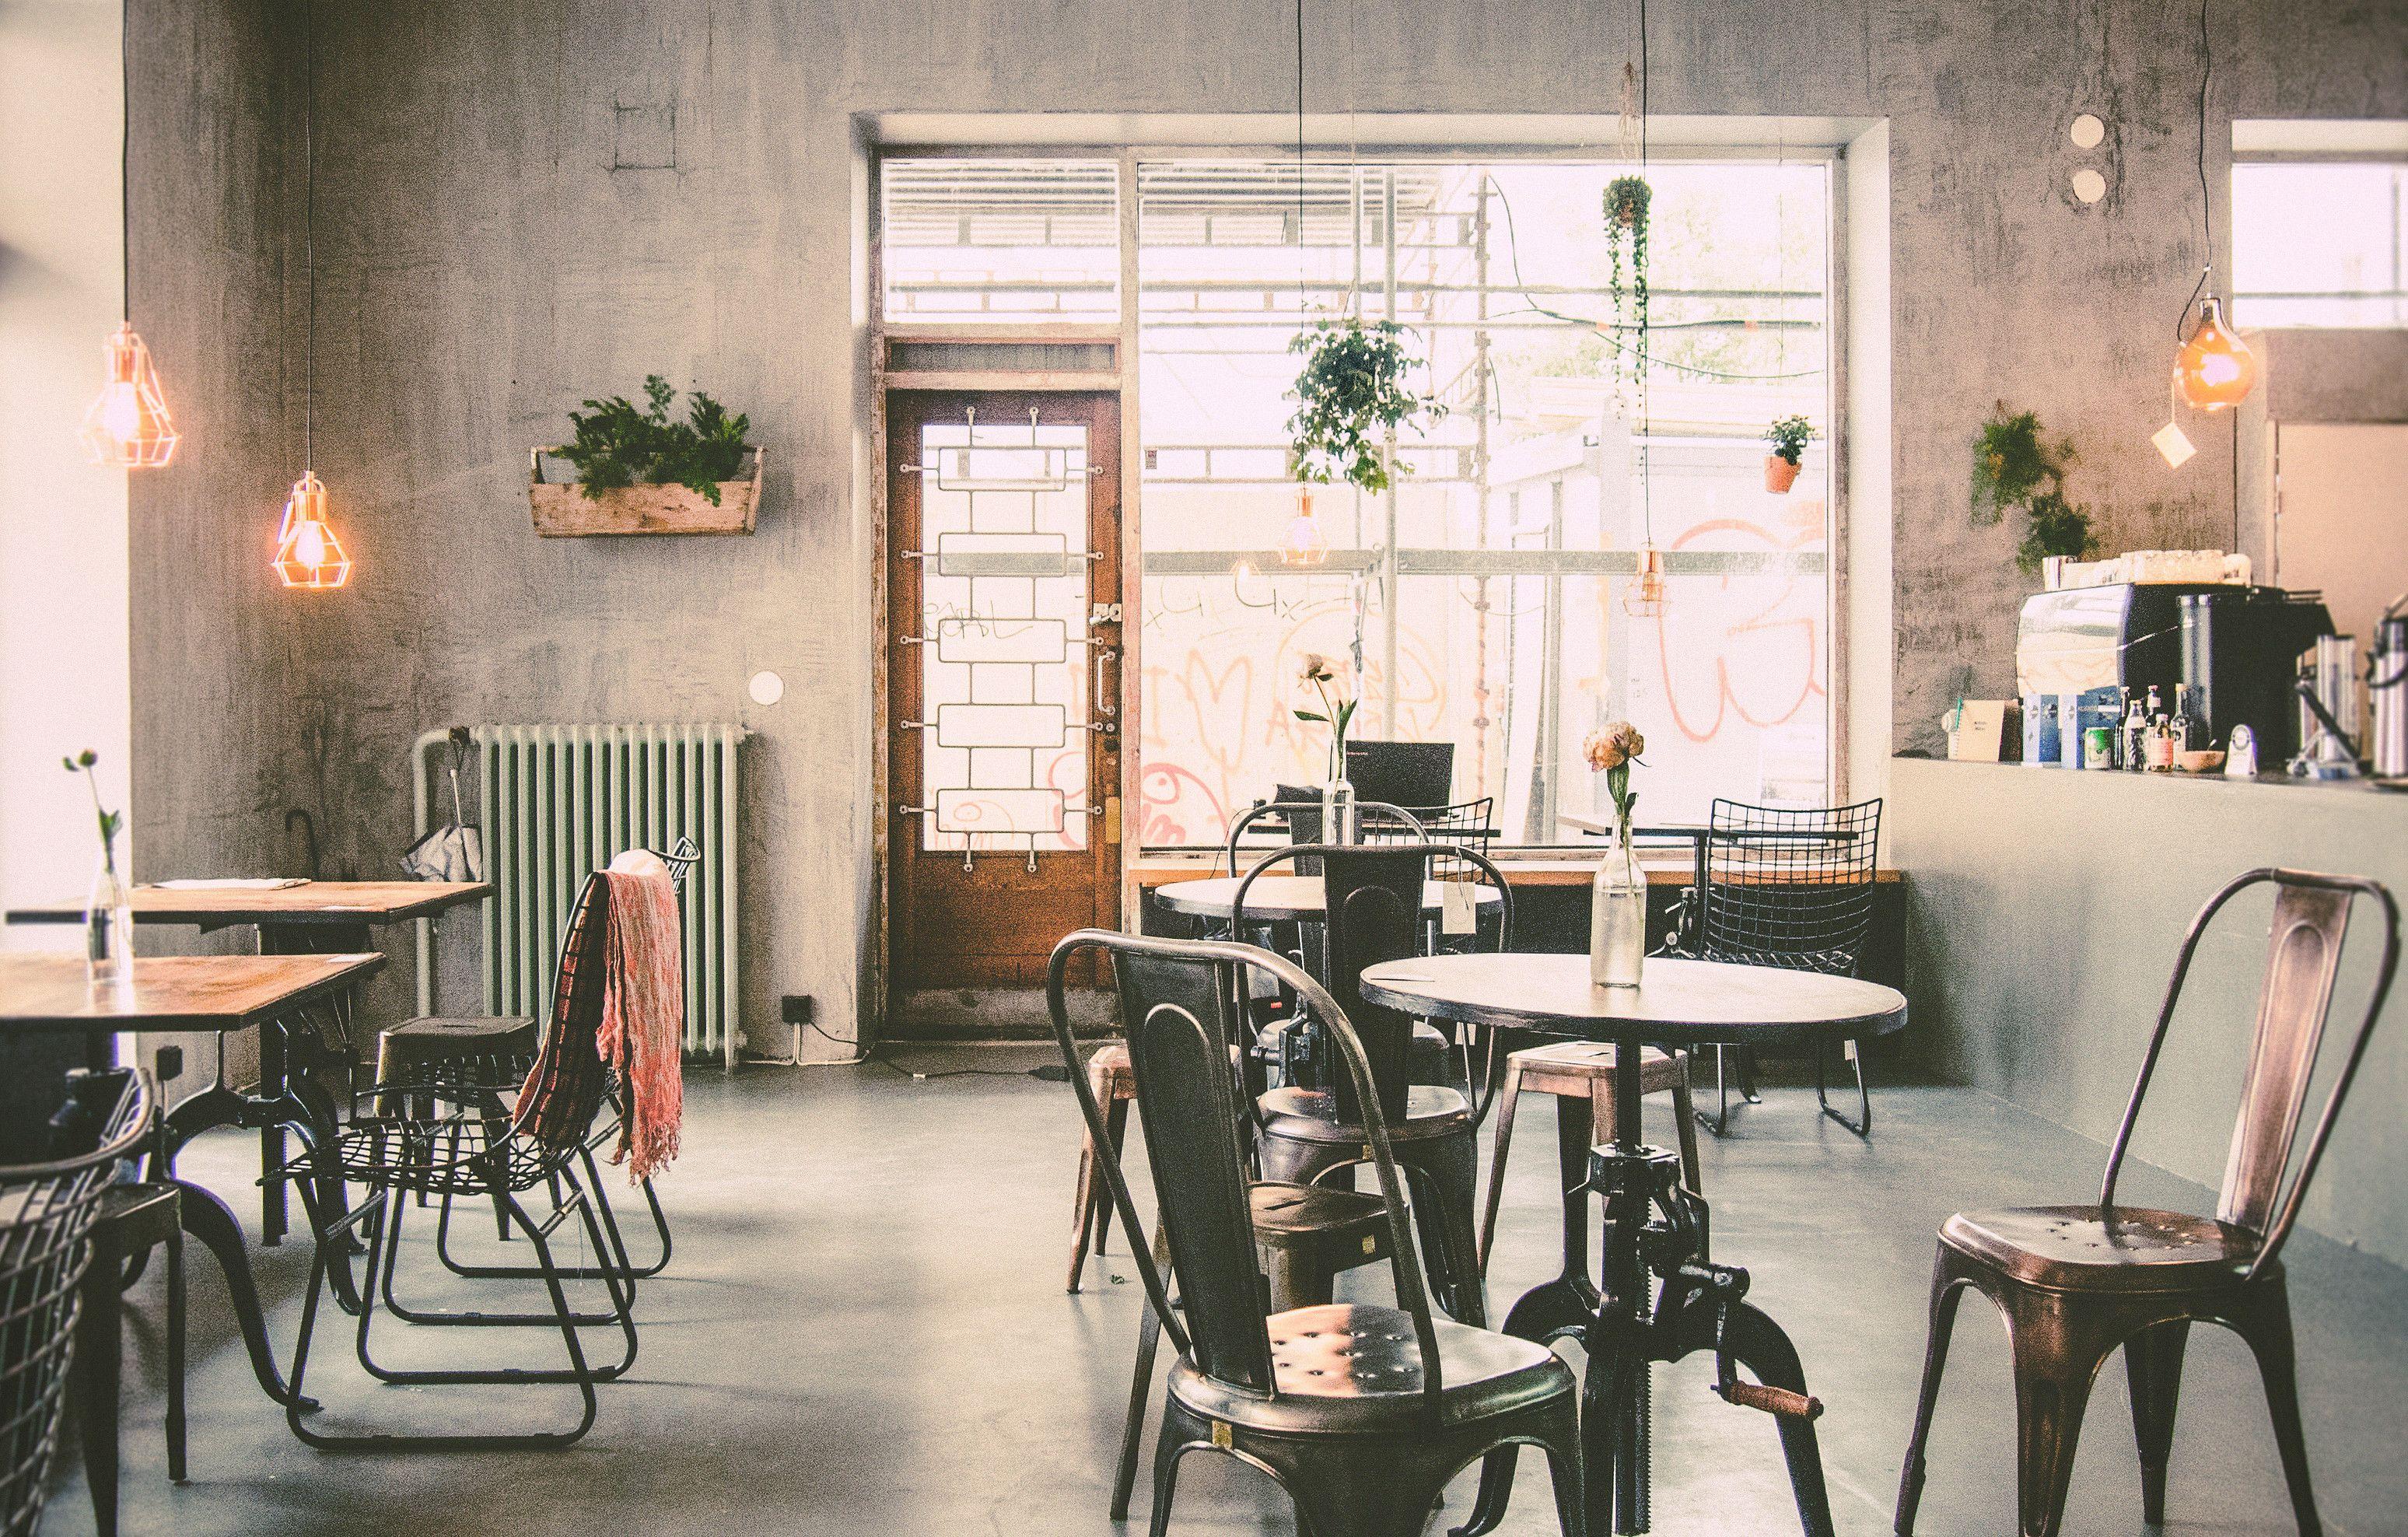 Roots Helsinki on joogastudion ja vegaanisen kahvilan yhdistelmä Kalliossa. Joogaa, kakkua ja elämää saman katon alla. Myös lounasruokaa, smootheja ym. sekä tapahtumia kuten raakasuklaa workshopit ja kesällä -17 joogaa Suokissa 5€ kerta!